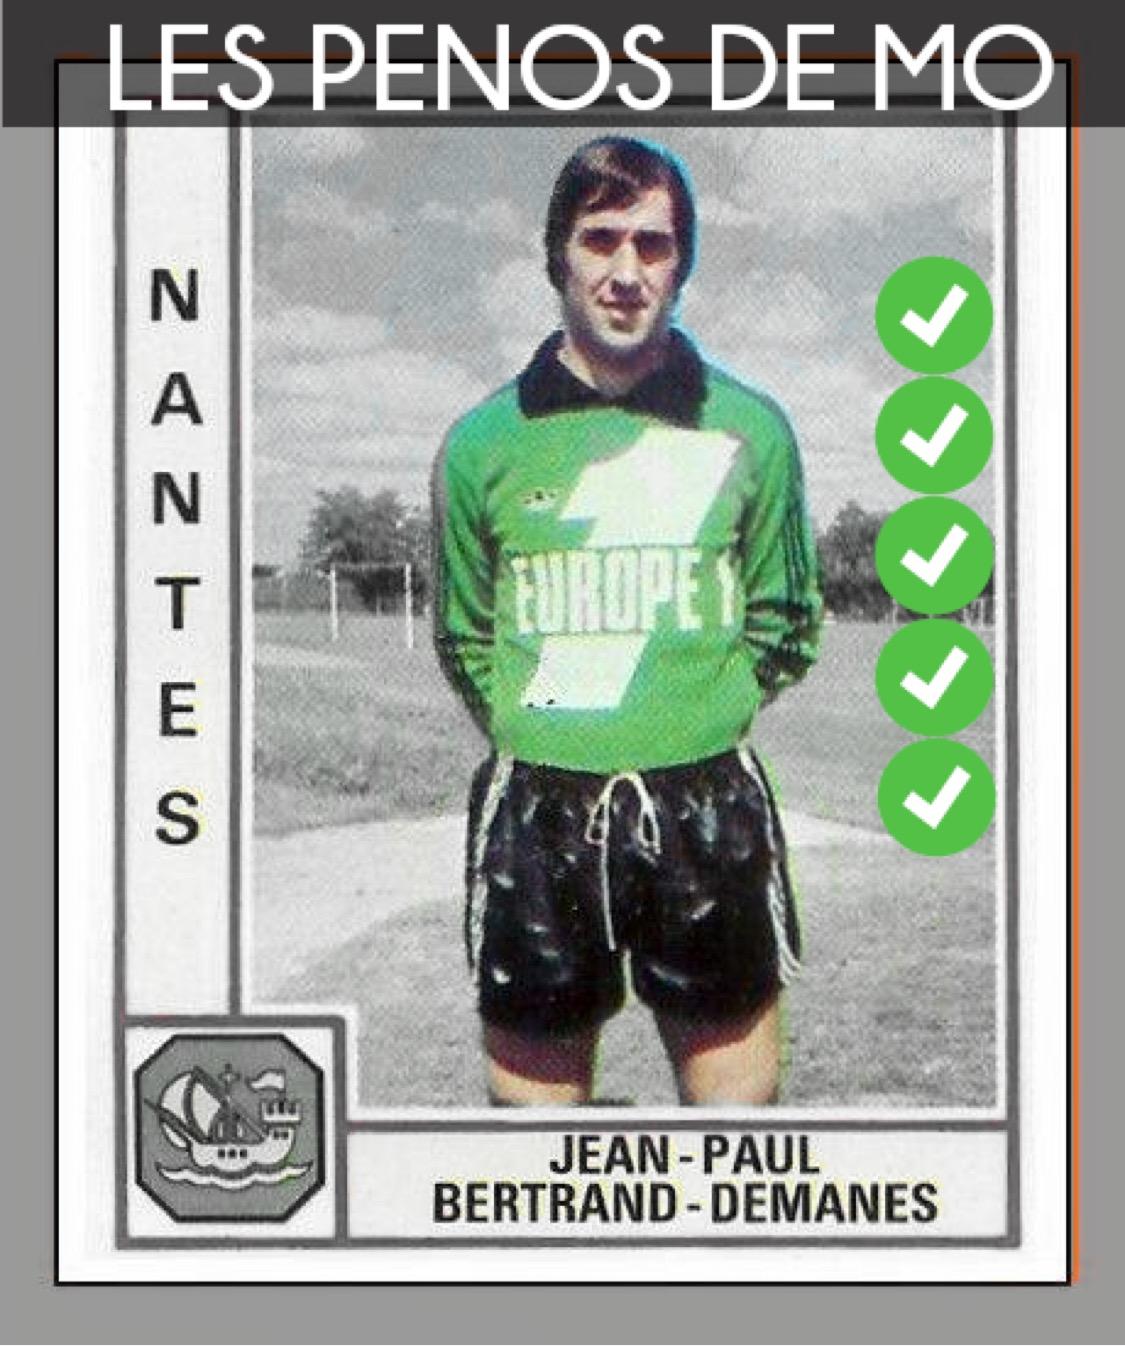 Les Pénos de MO - J'en Paul Bertrand Demanes Gardien de but FC Nantes